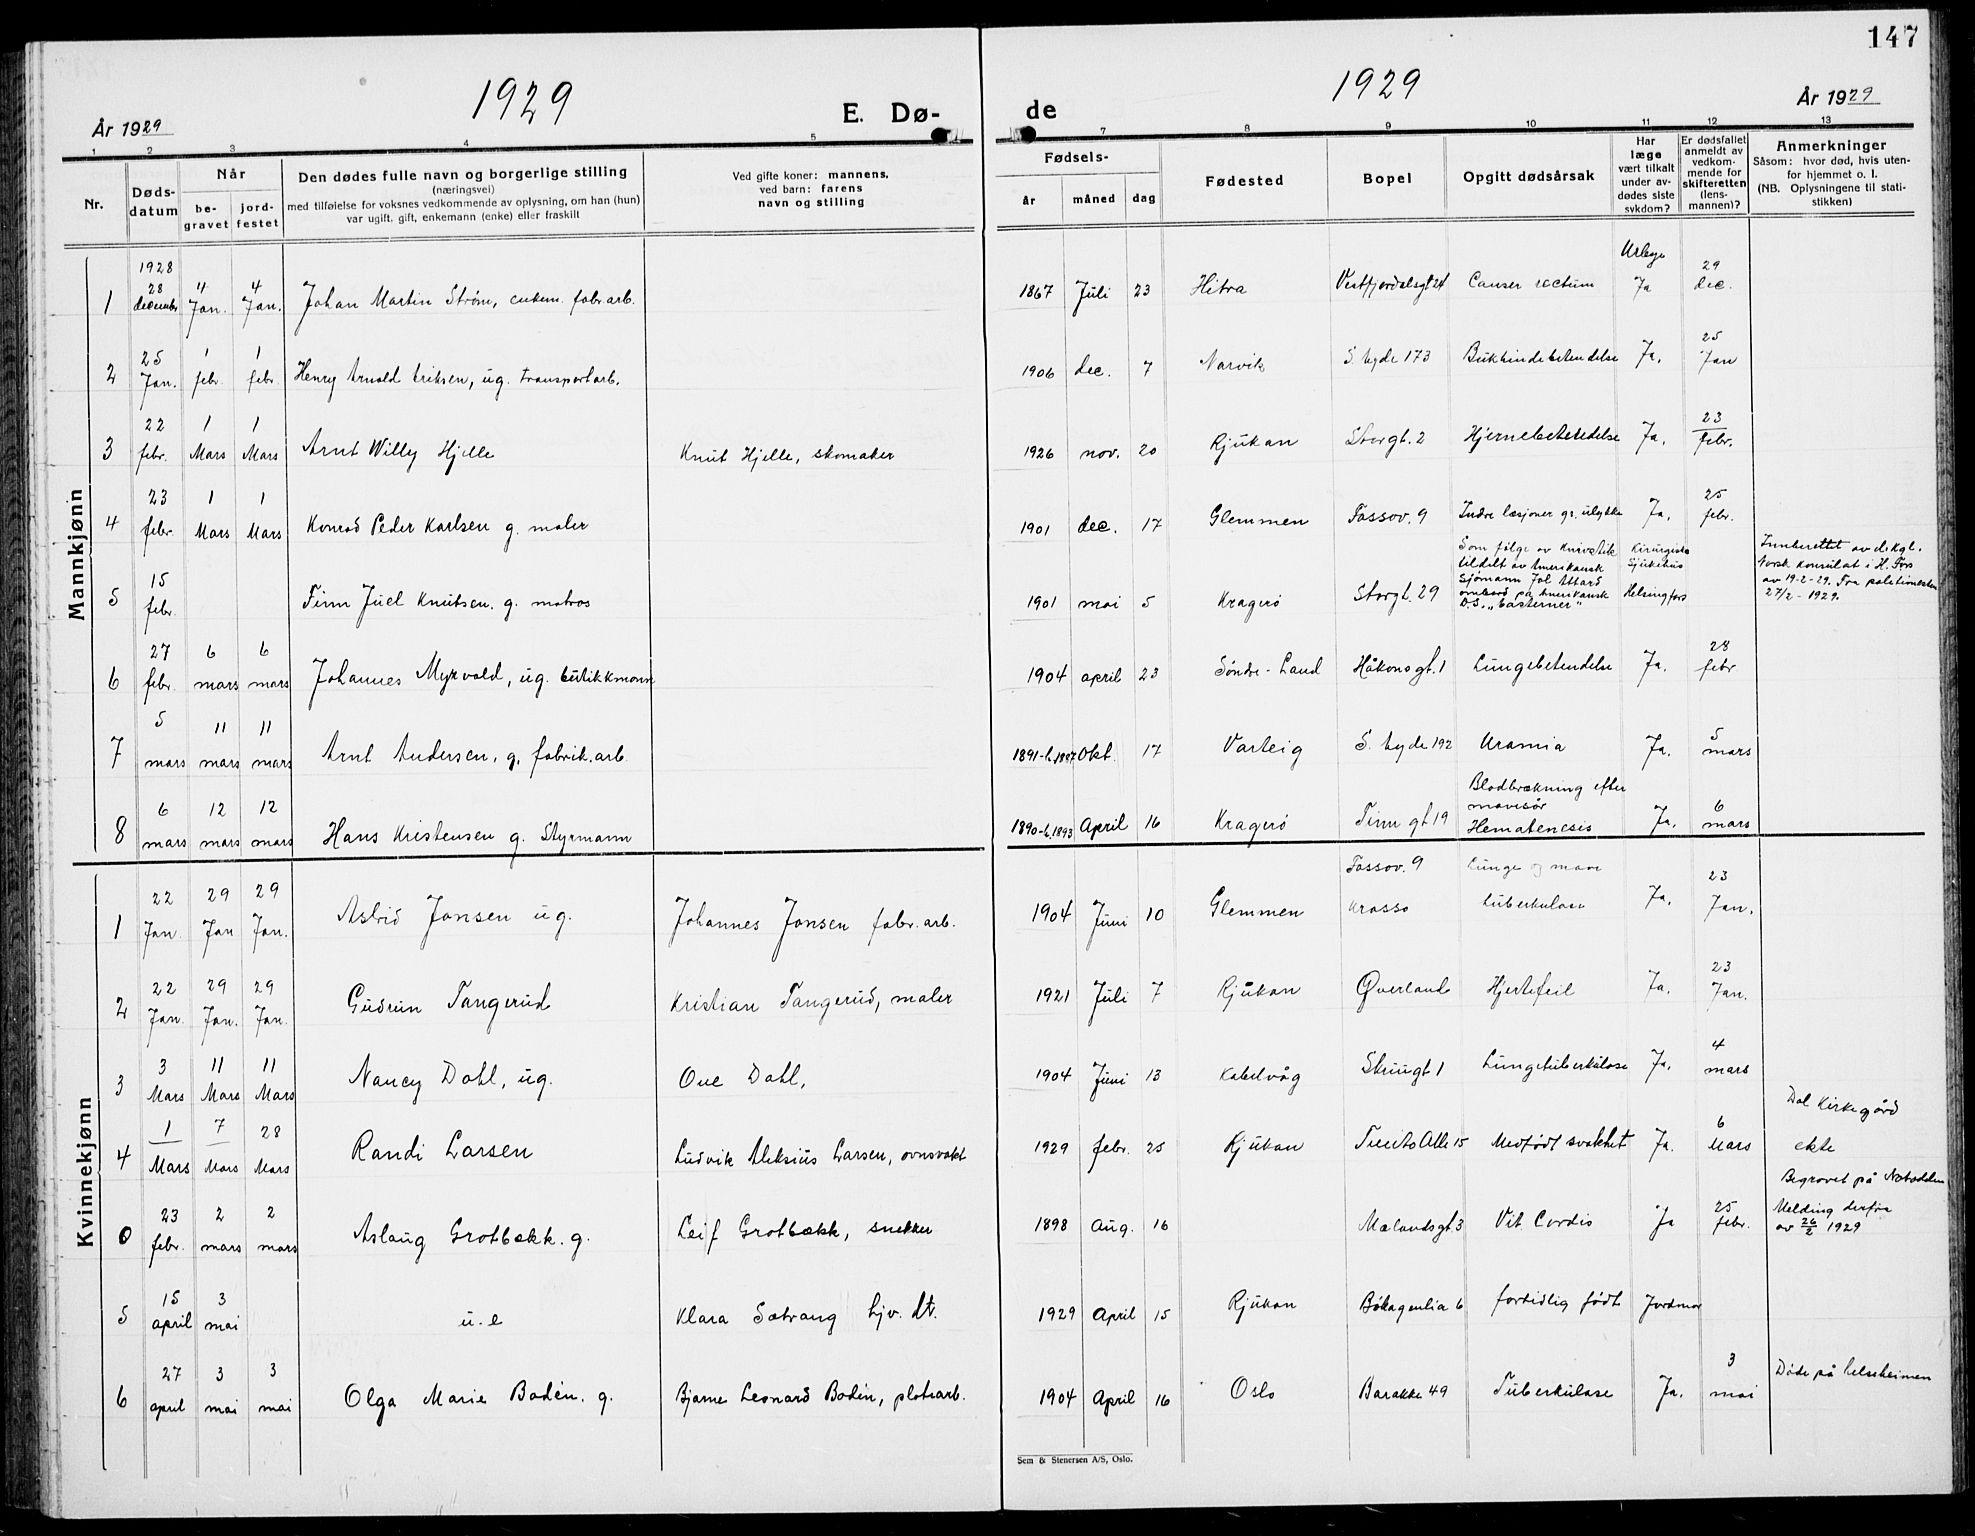 SAKO, Rjukan kirkebøker, G/Ga/L0005: Klokkerbok nr. 5, 1928-1937, s. 147